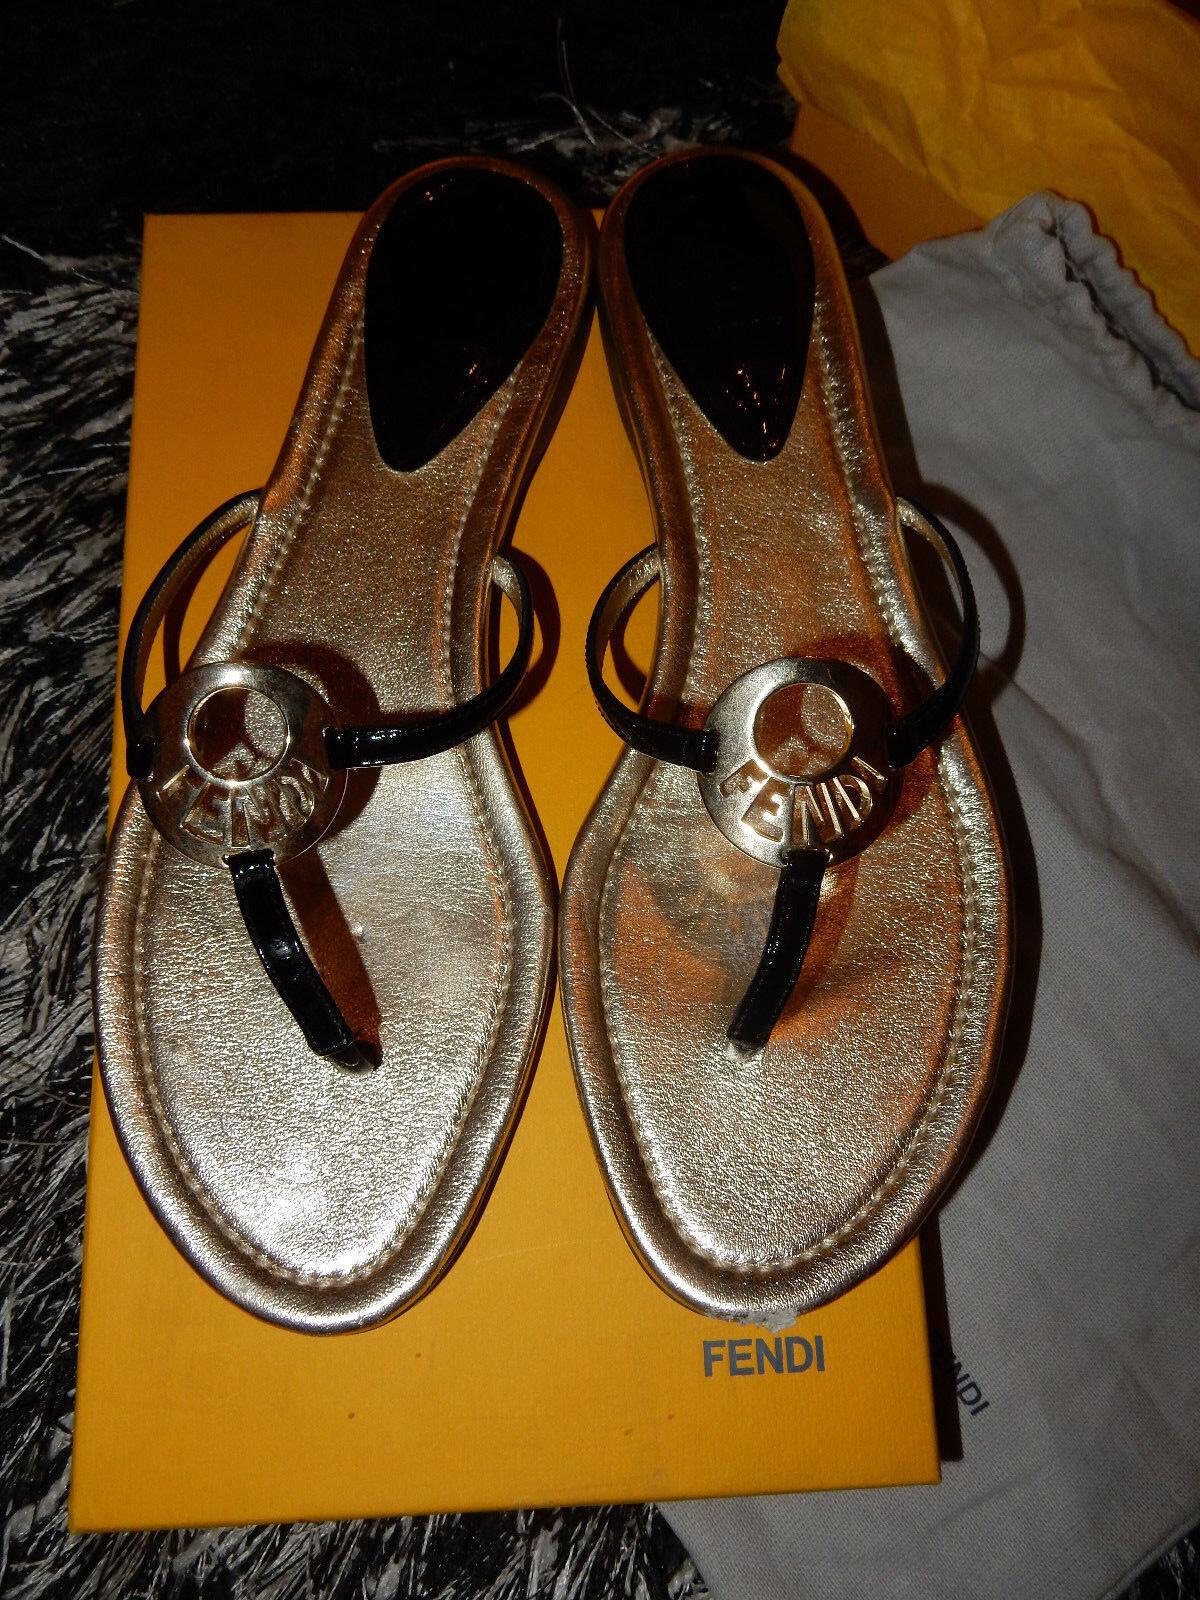 FENDI Schuhe   Sandalen mit Staubbeutel und Karton - Gr. 41